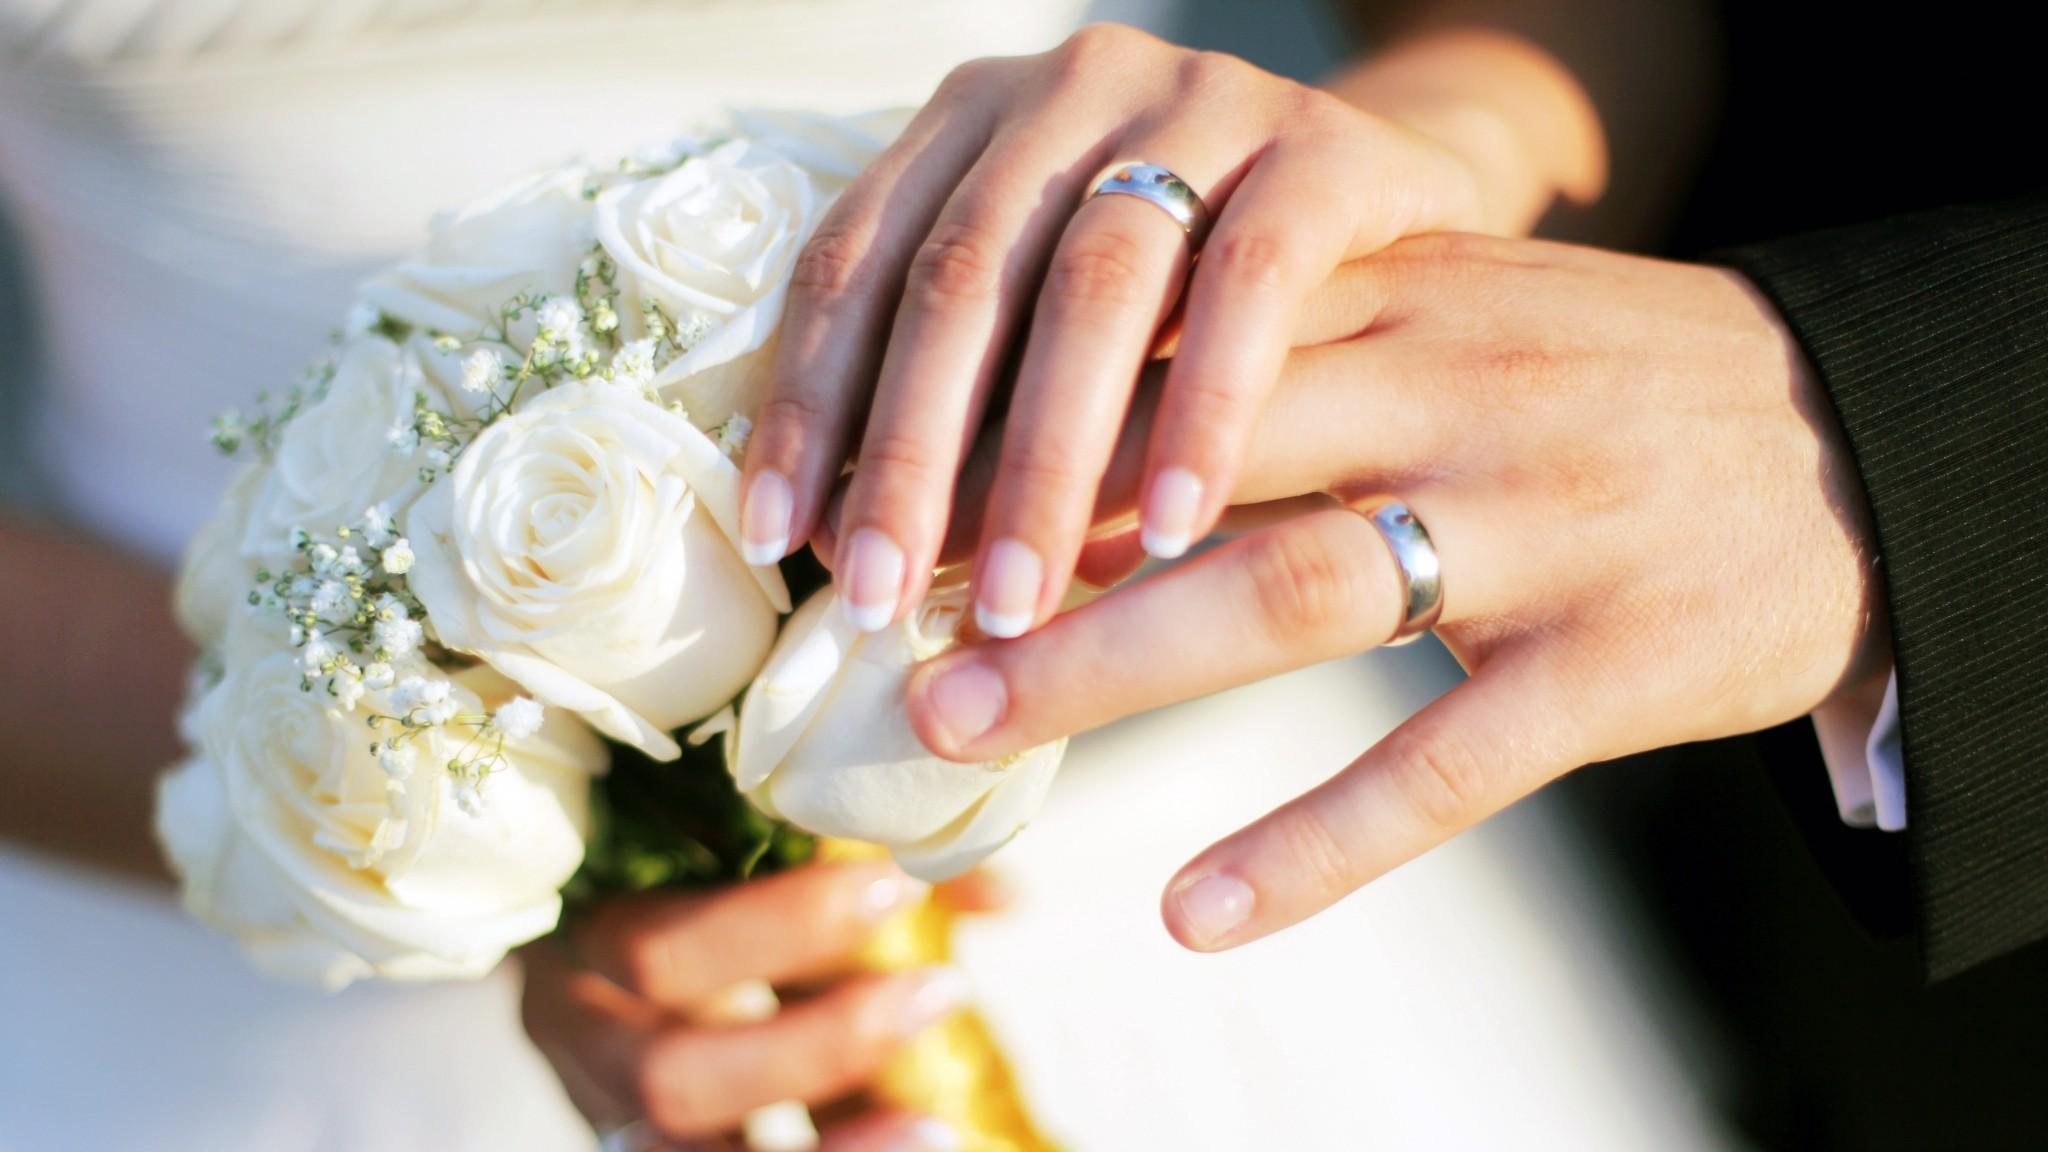 evlilik buyusu 1 - Evlilik Büyüsü